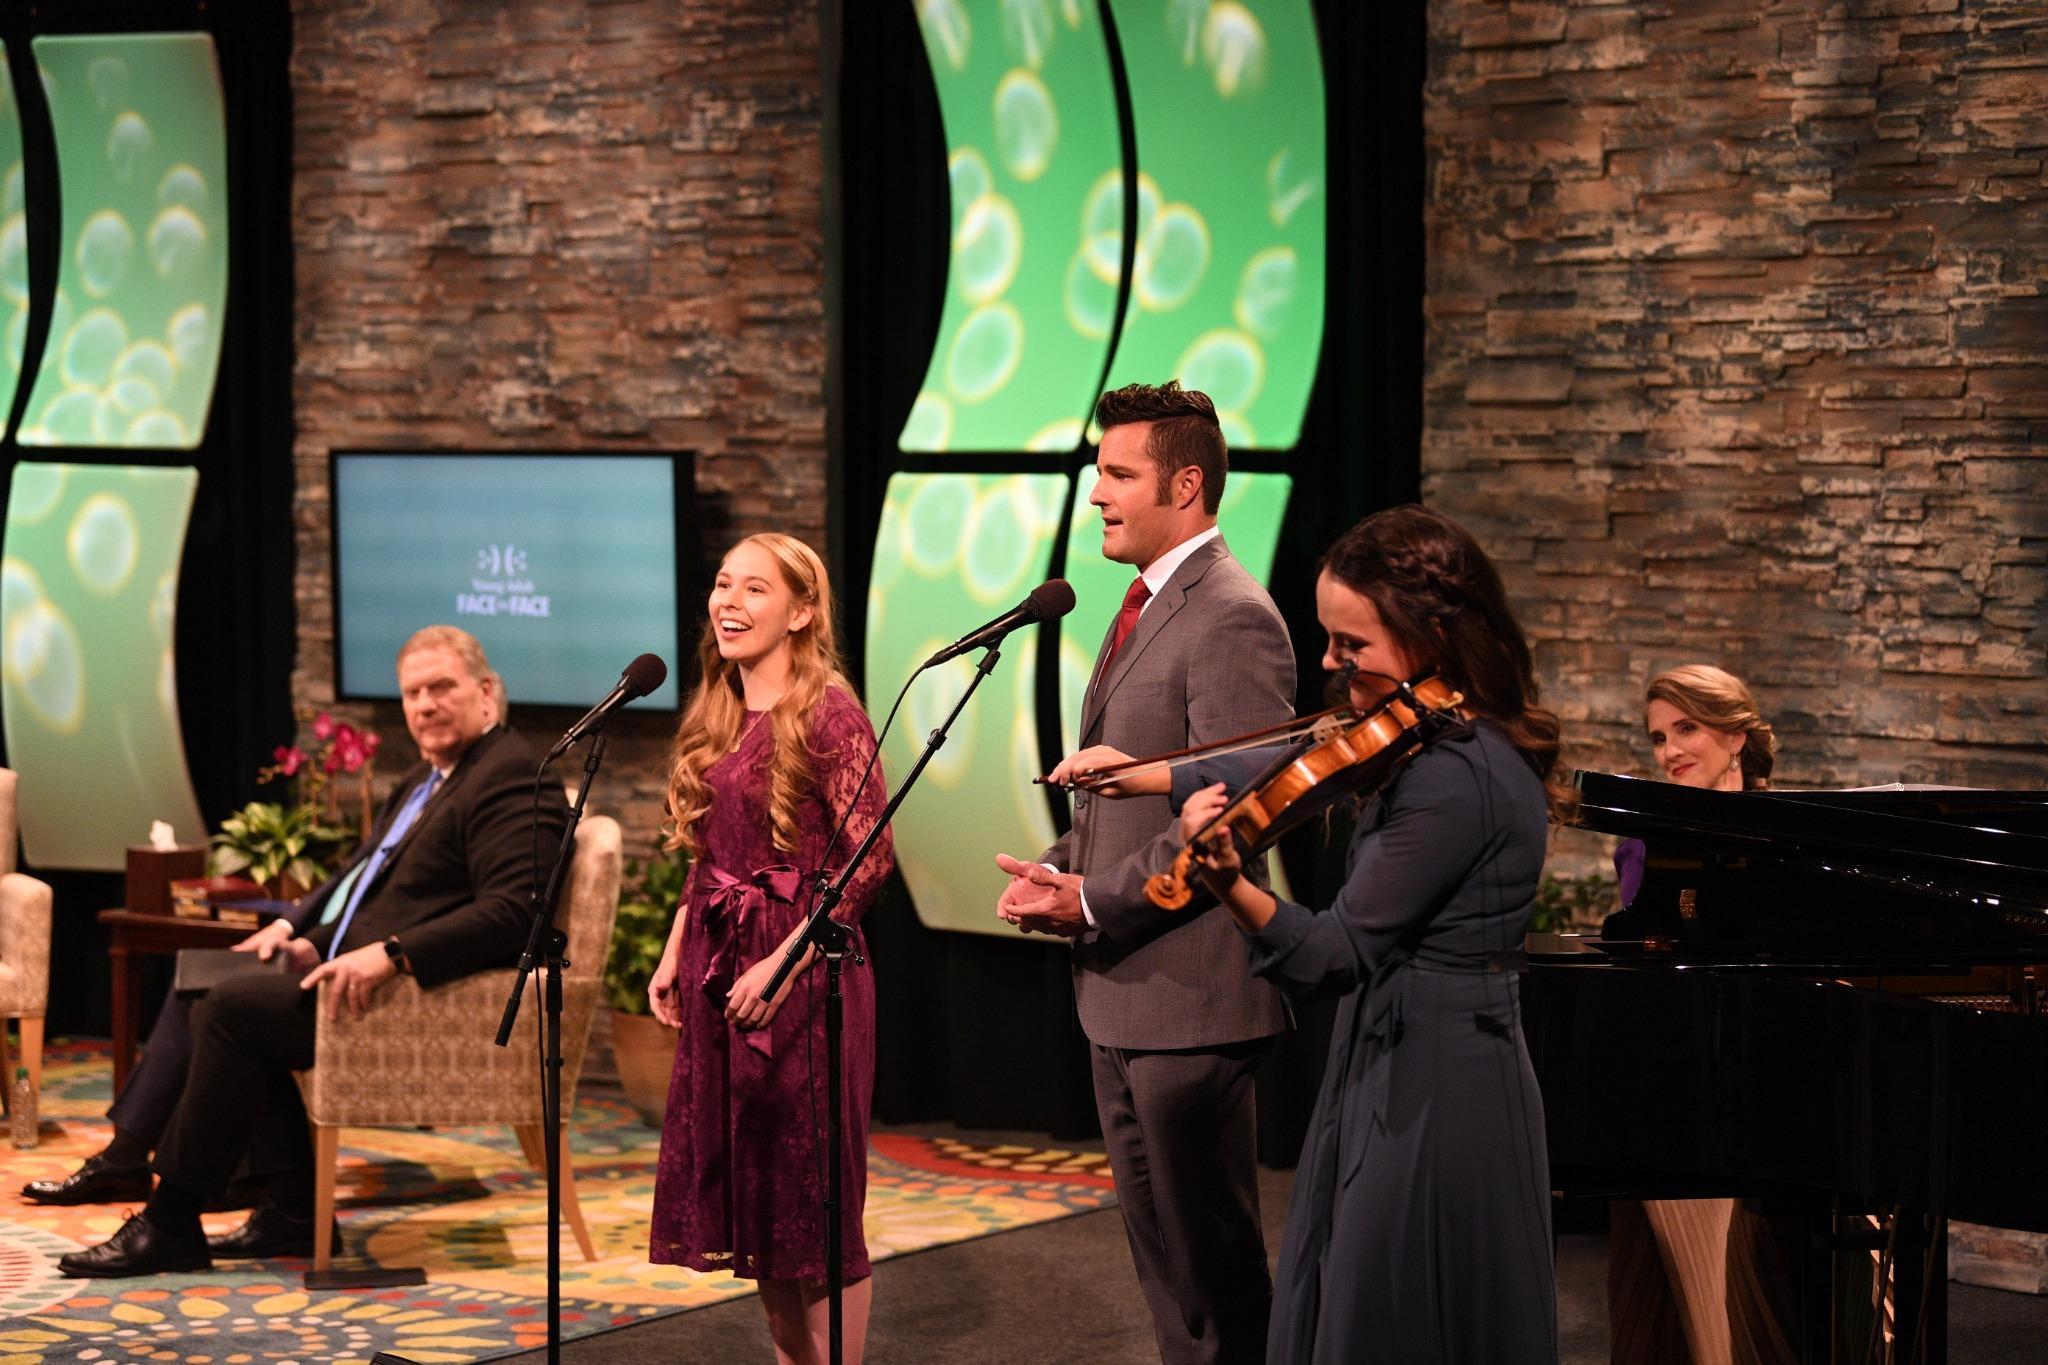 Se llevó a cabo una selección musical durante la transmisión del Cara a Cara, en Provo, Utah, el domingo 15 de septiembre de 2019.